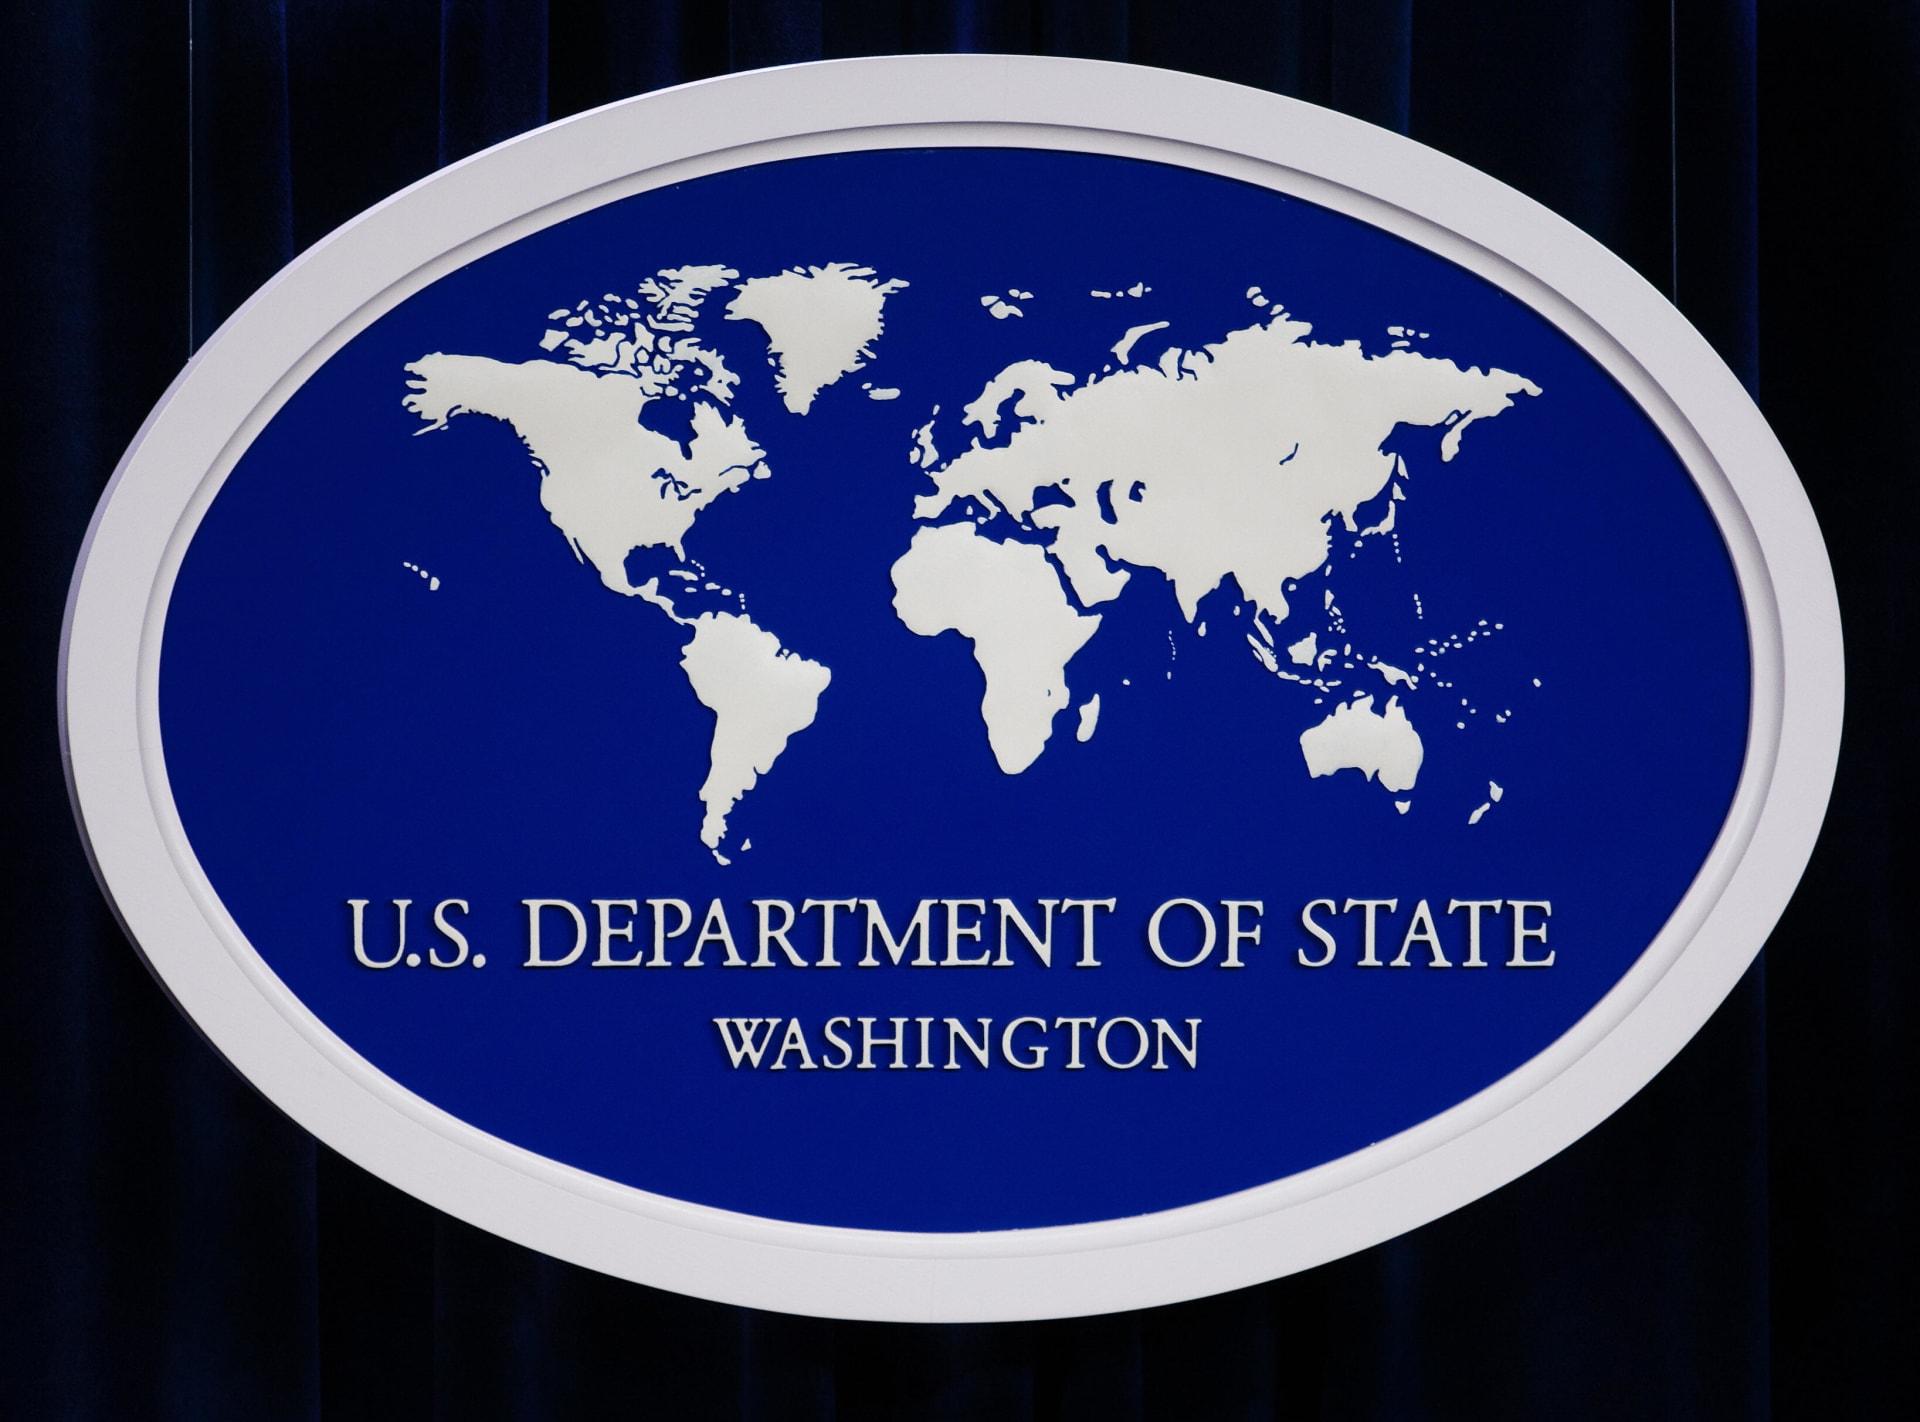 """خارجية أمريكا تبين سبب وفاة طالبين سعوديين بماساتشوستس وتصفهما بـ""""الشجاعين"""""""